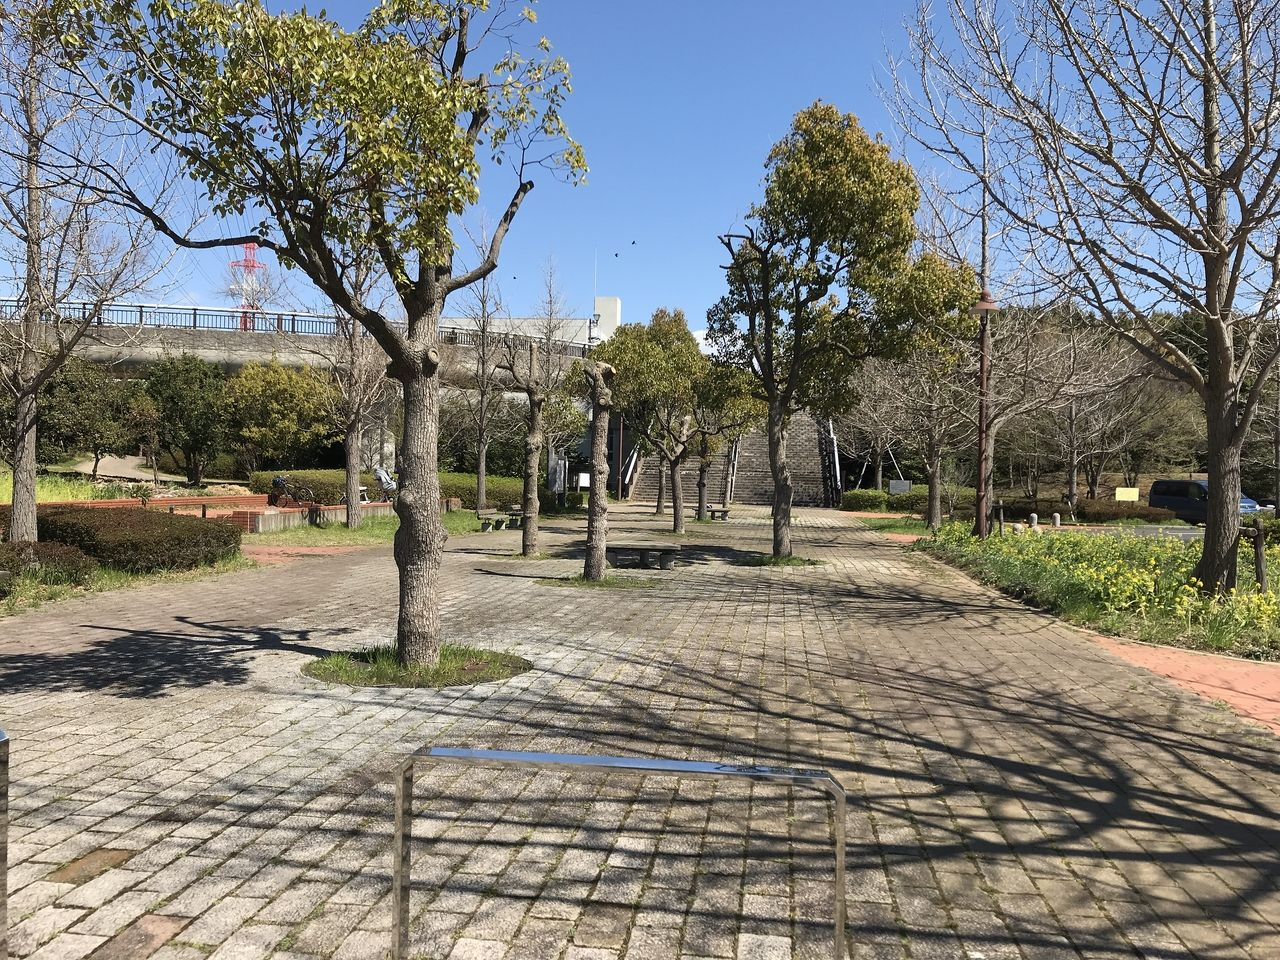 行徳の福栄スポーツ広場の広場への道